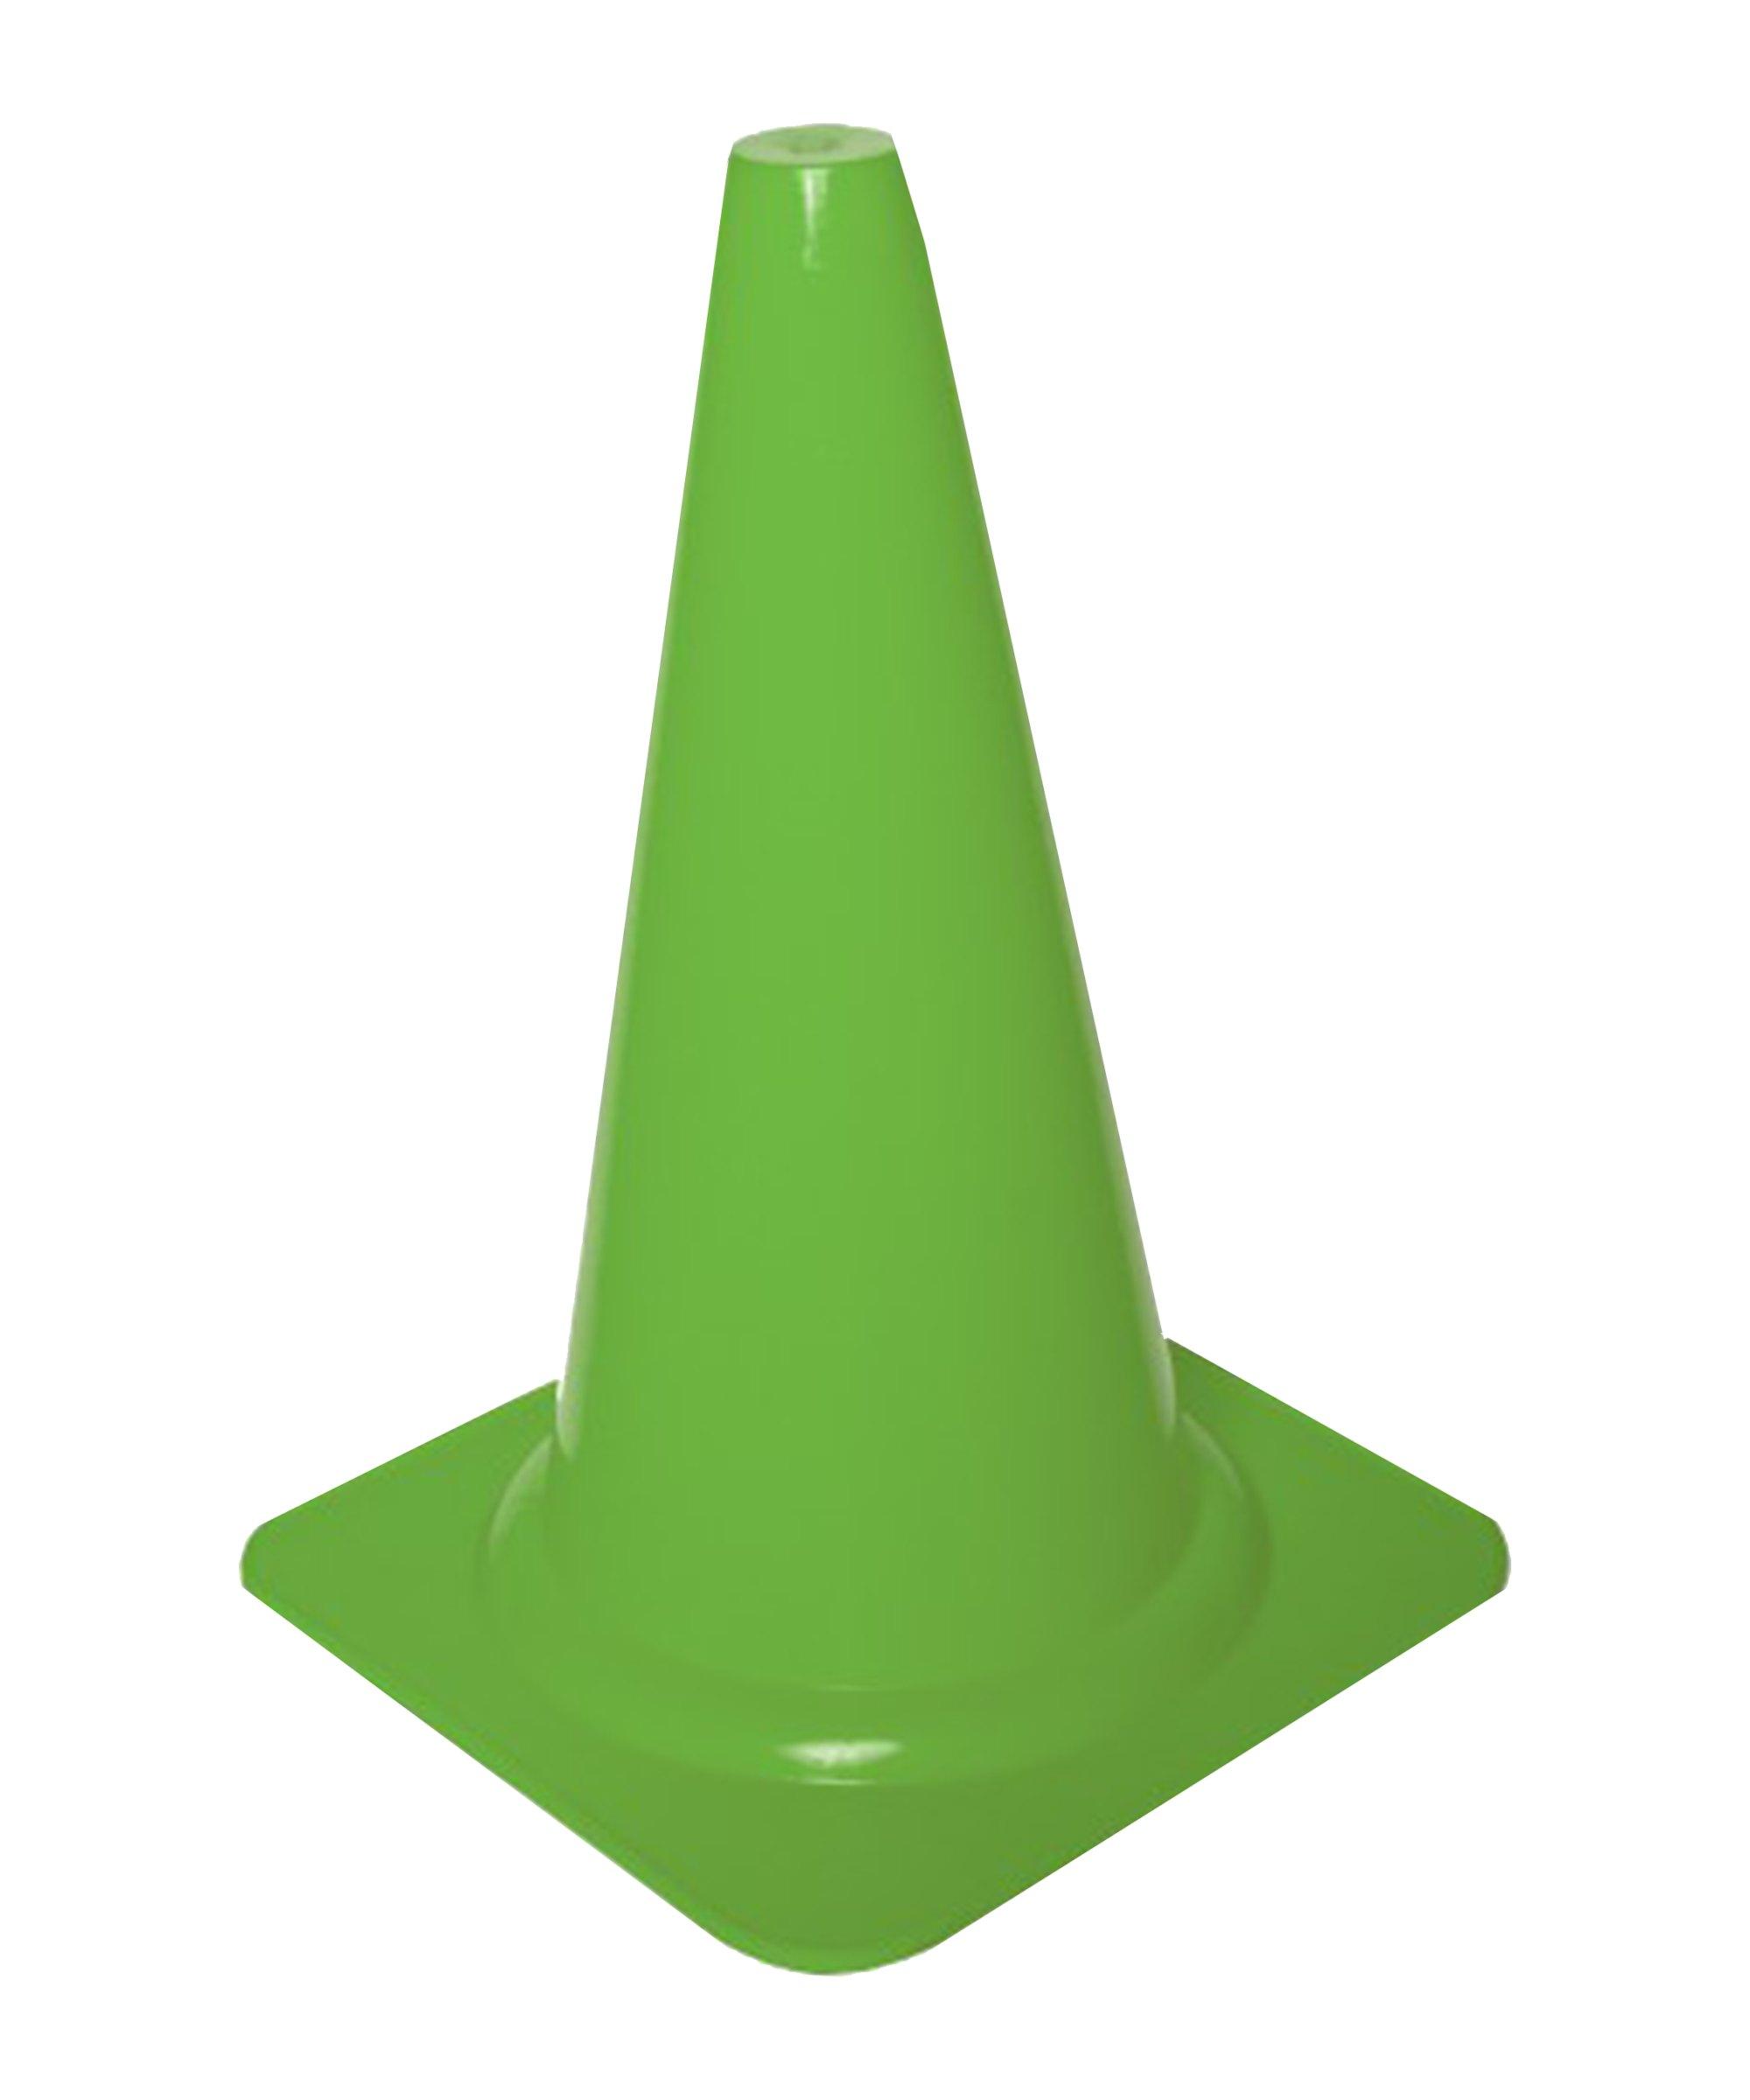 Cawila Markierungskegel S 23cm Grün - gruen